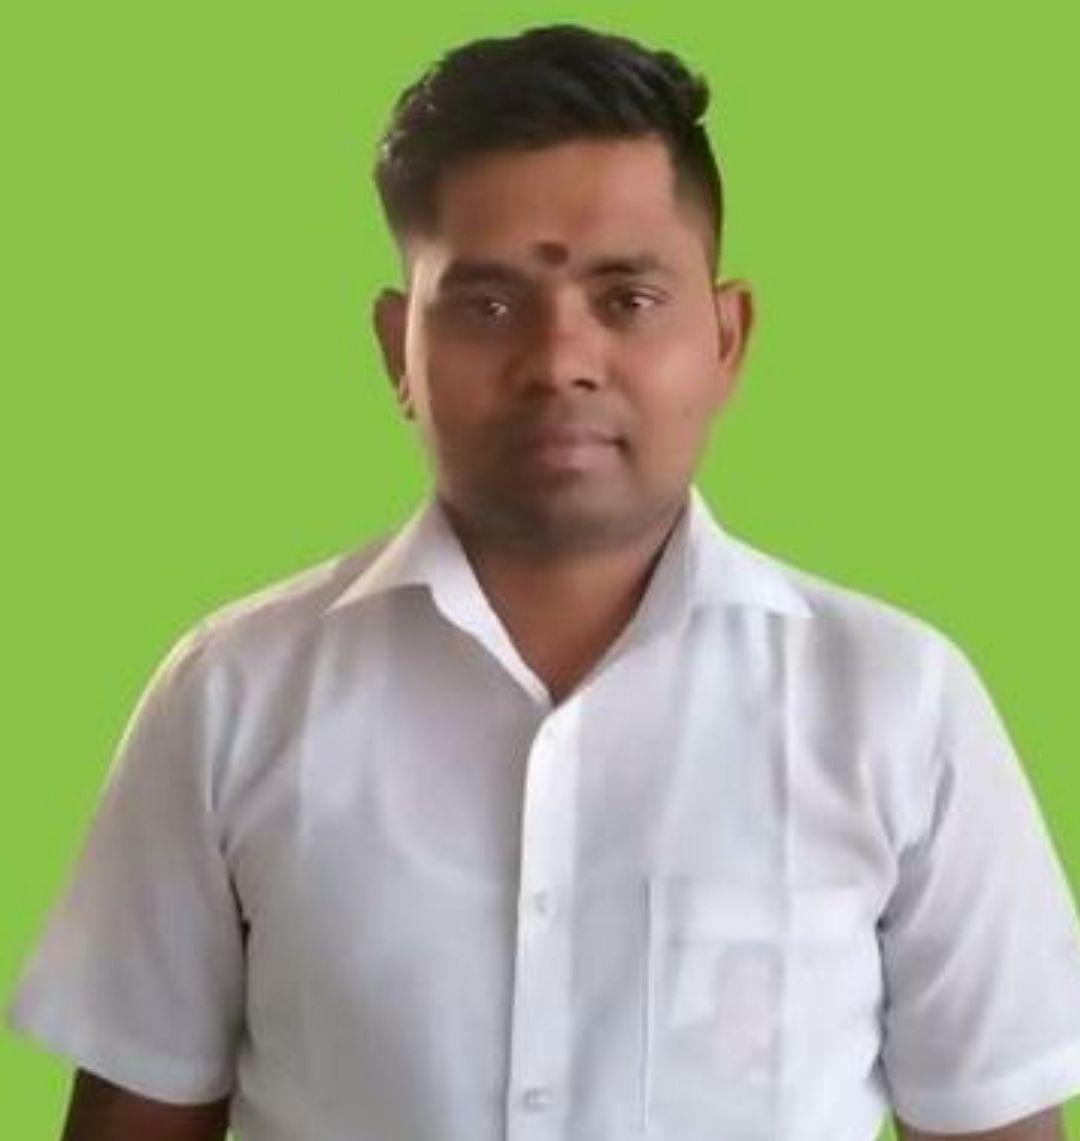 ரகுநாதன்